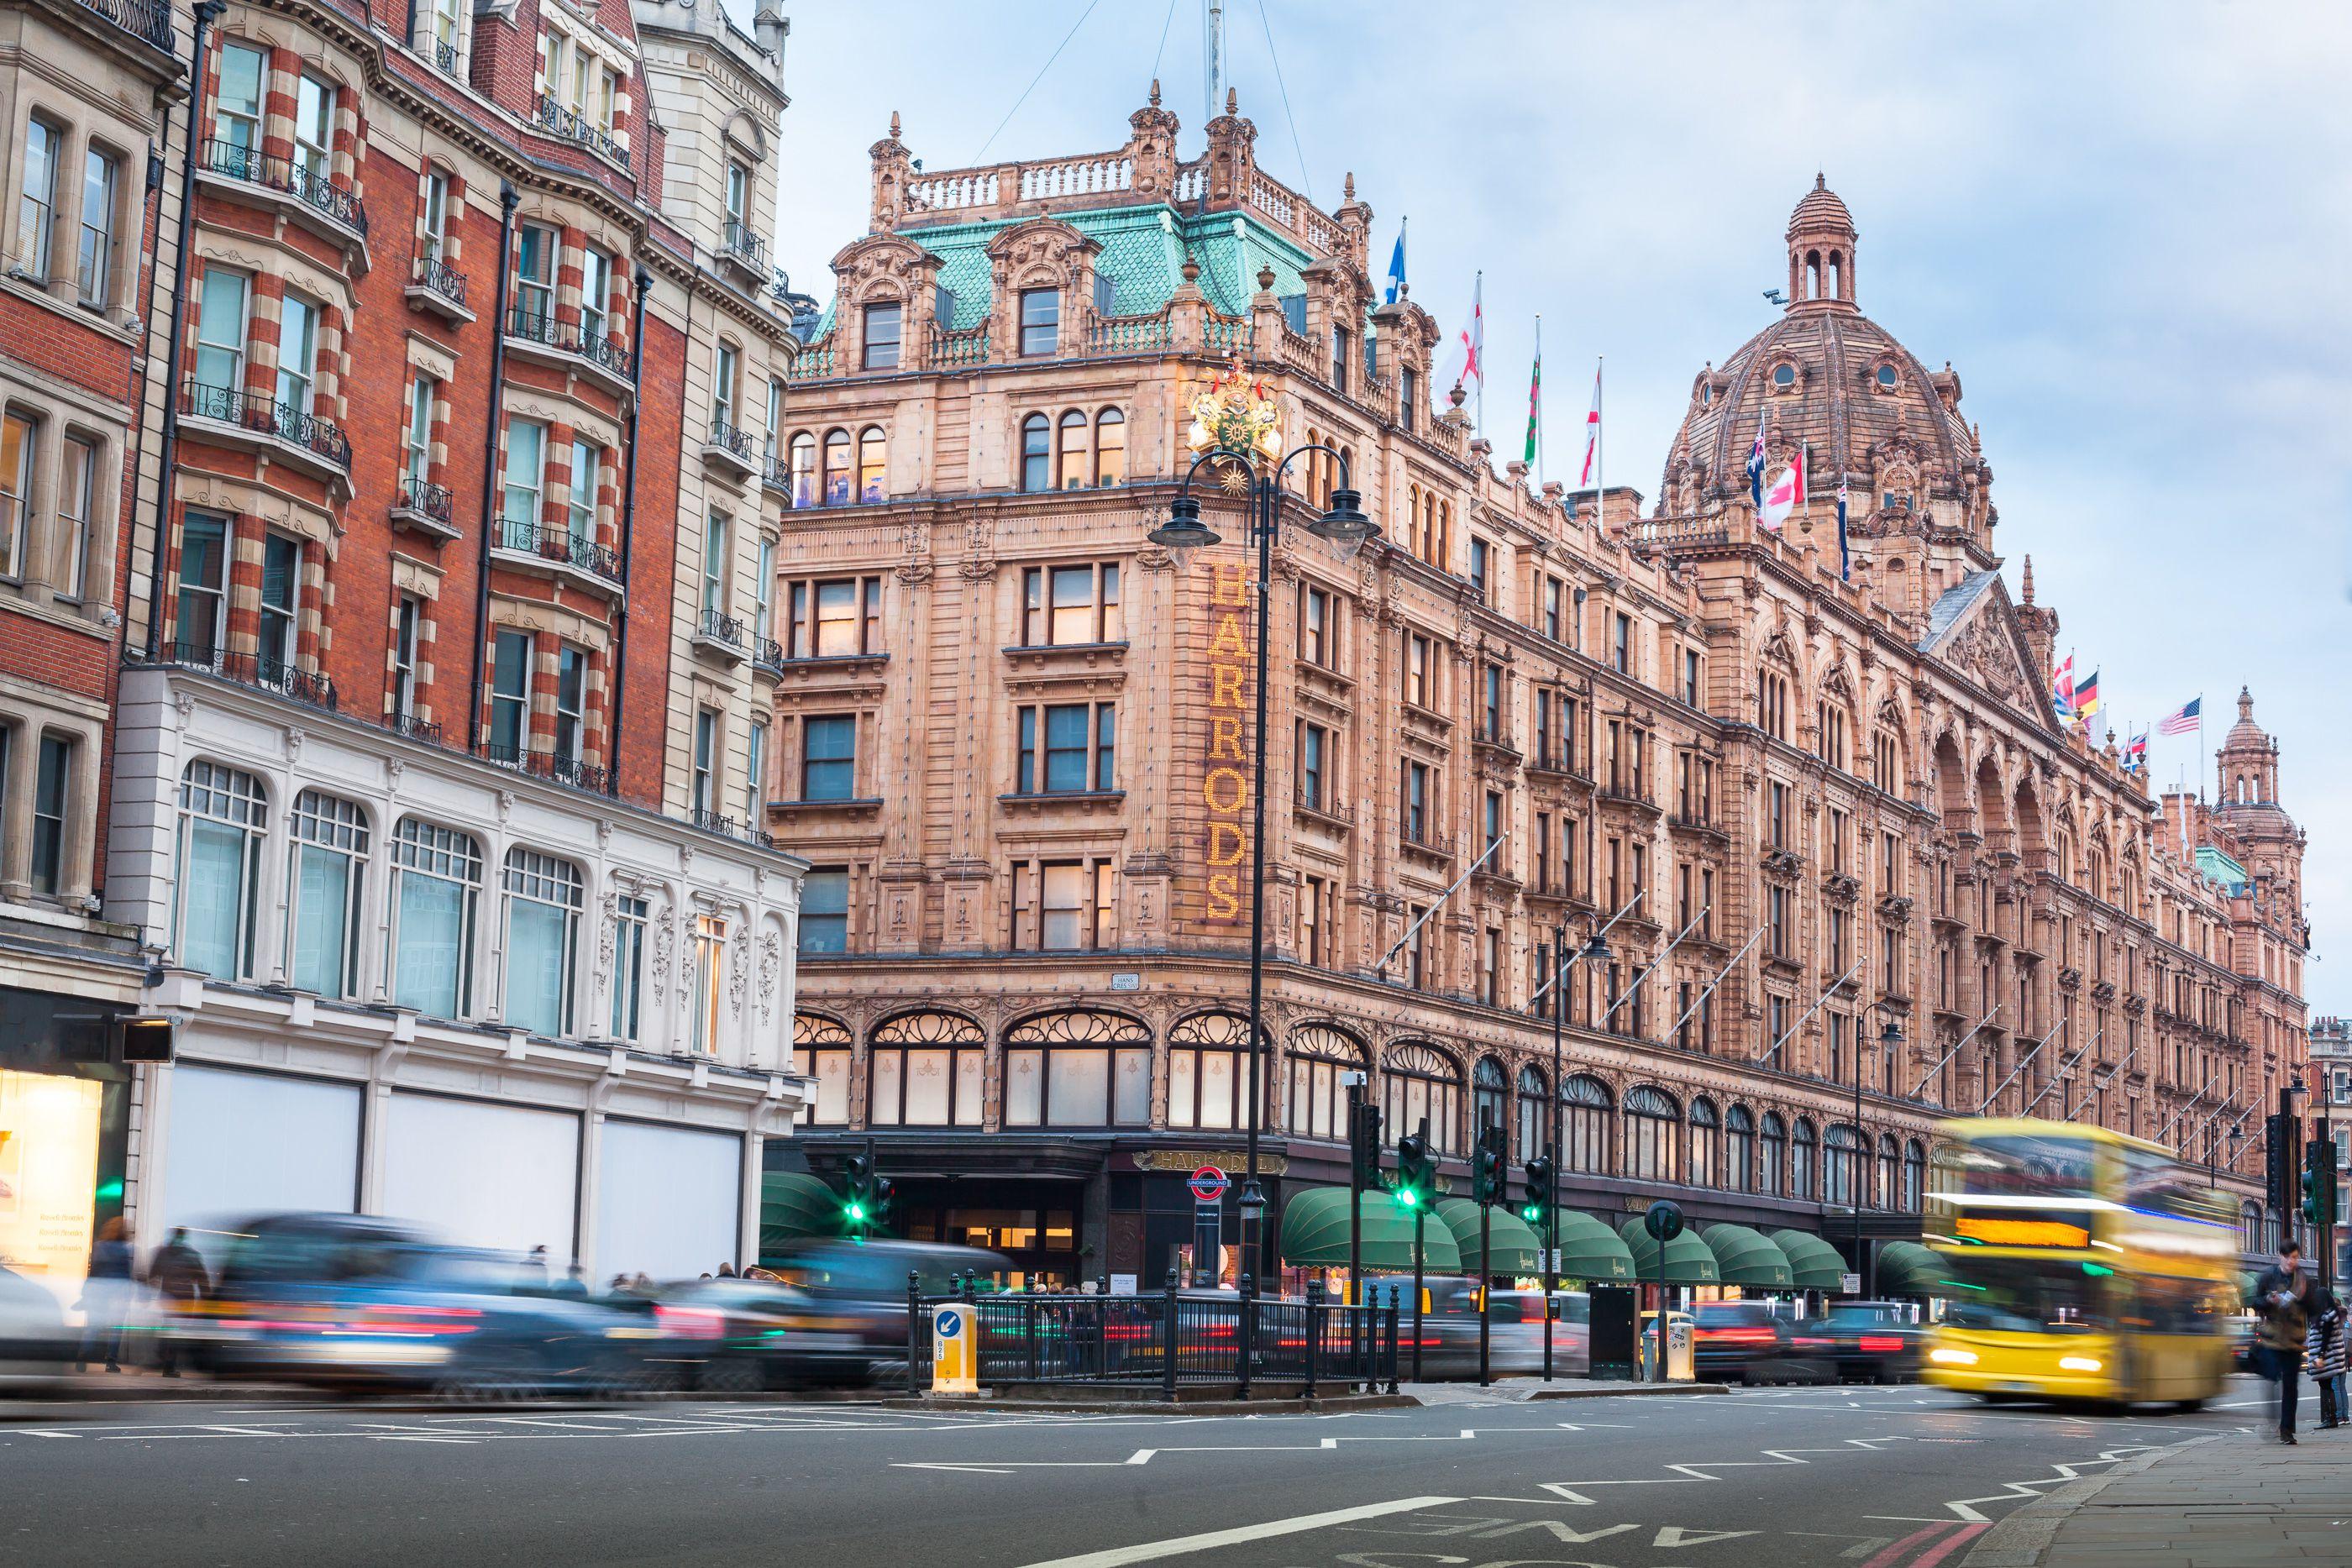 Harrods department store in Knightsbridge, London, UK